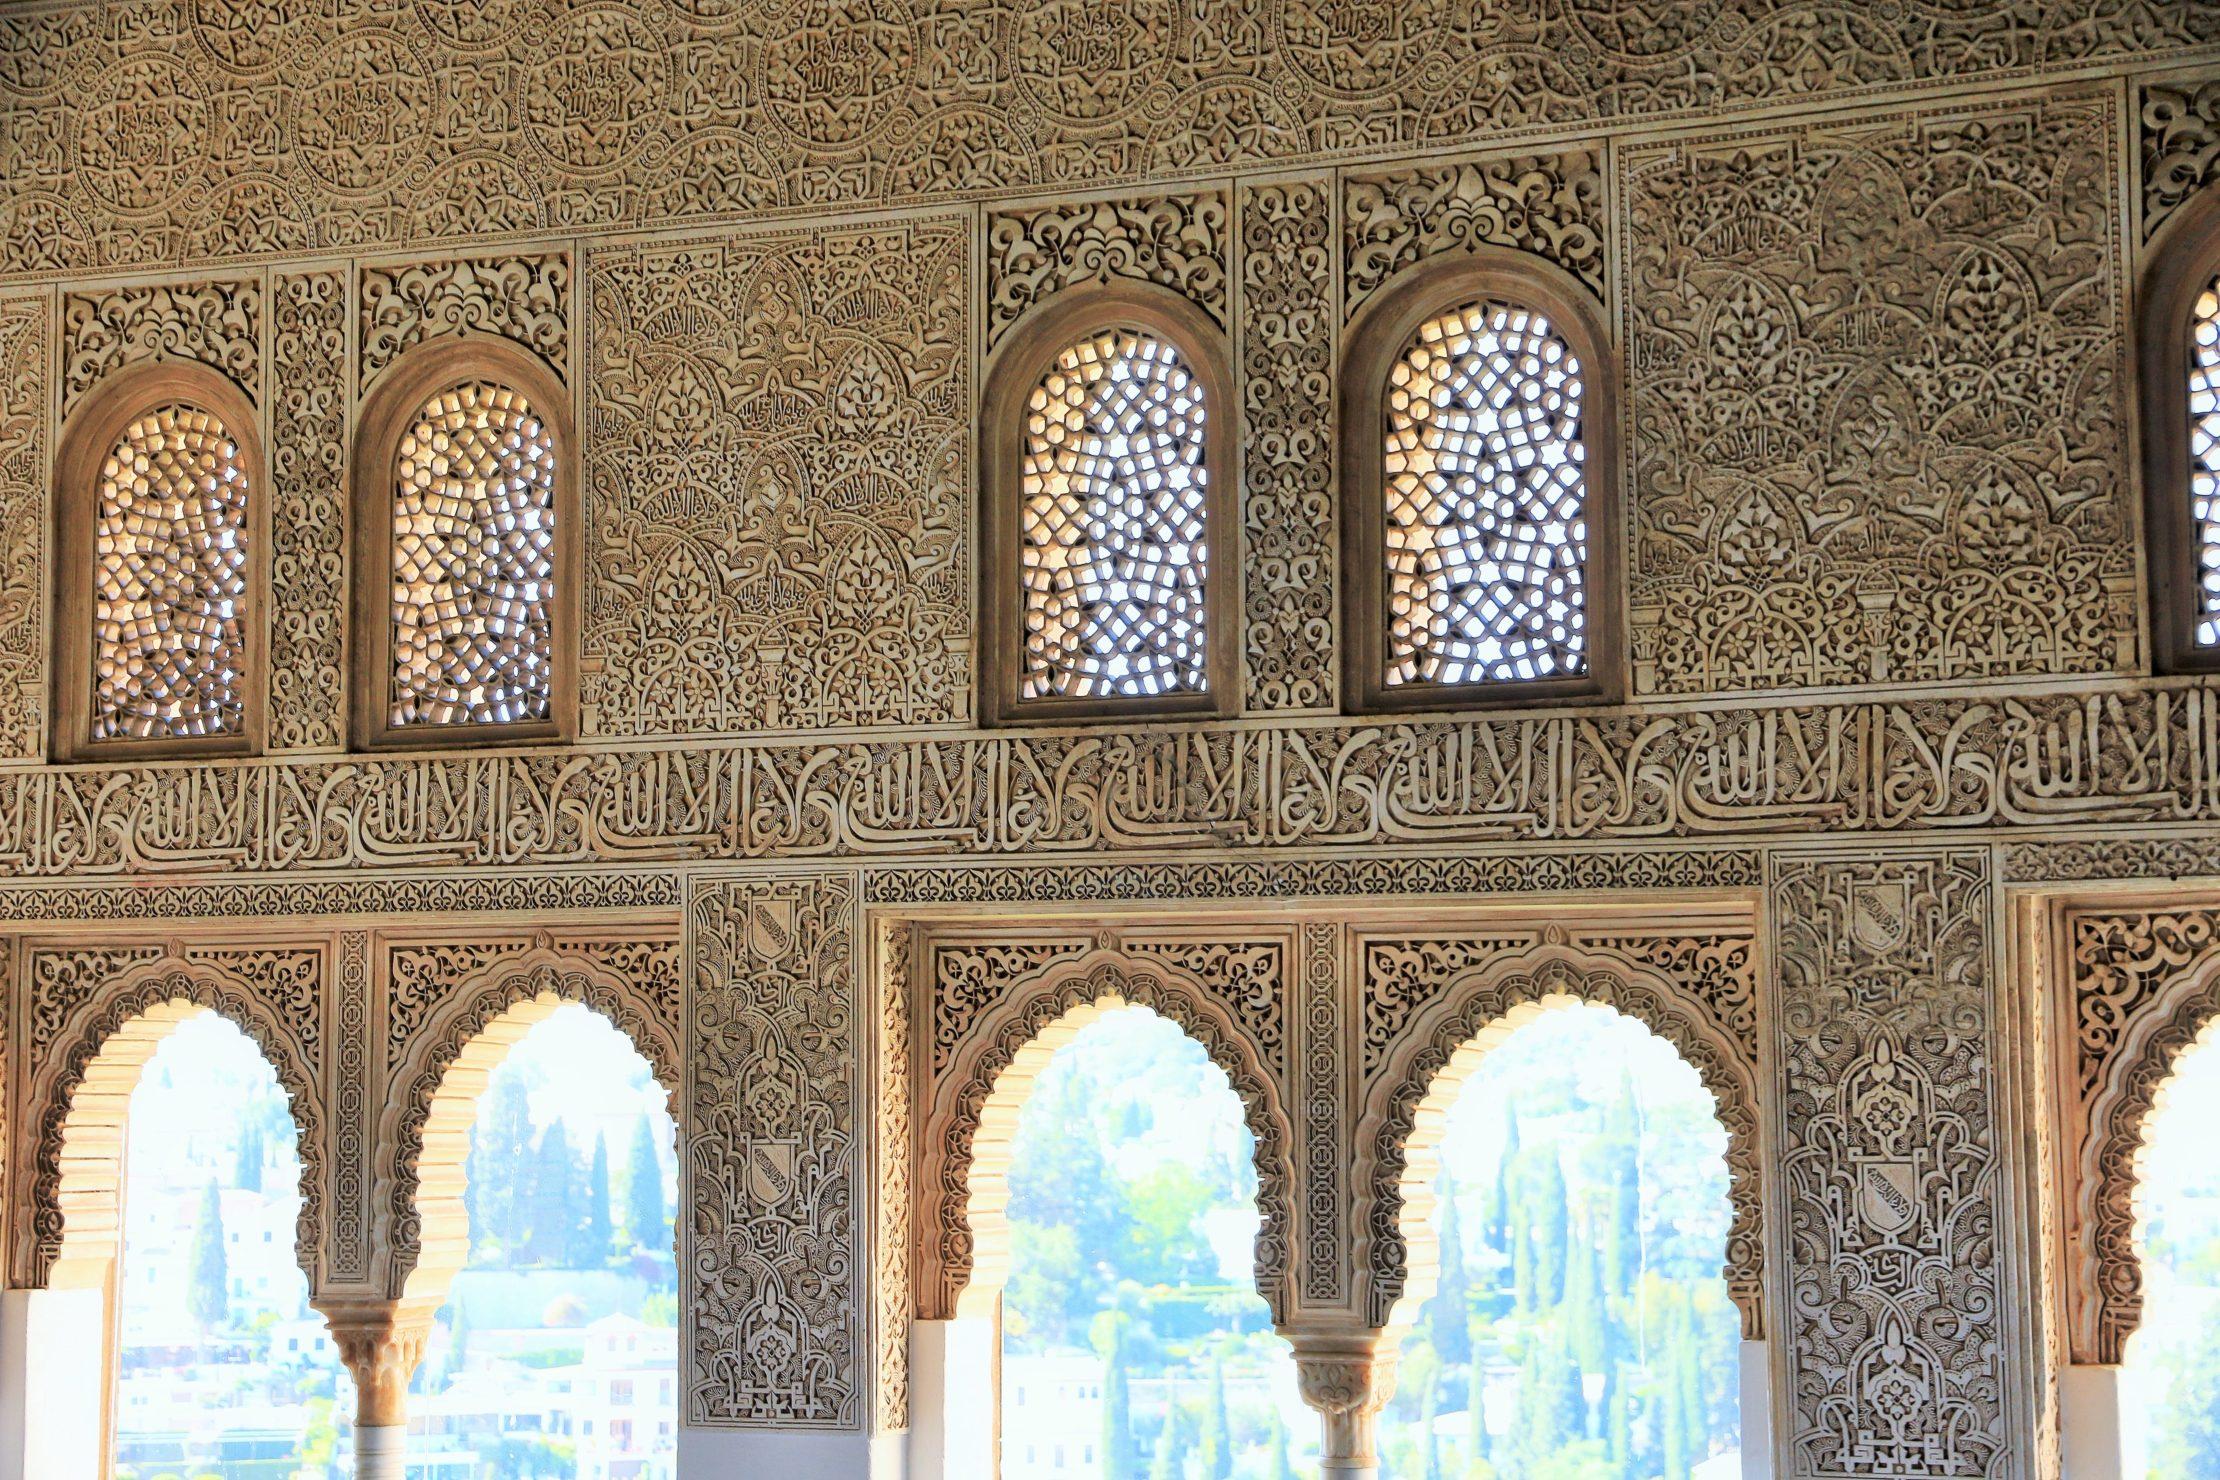 Ventanas en el Palacio Mexuar de Alhambra